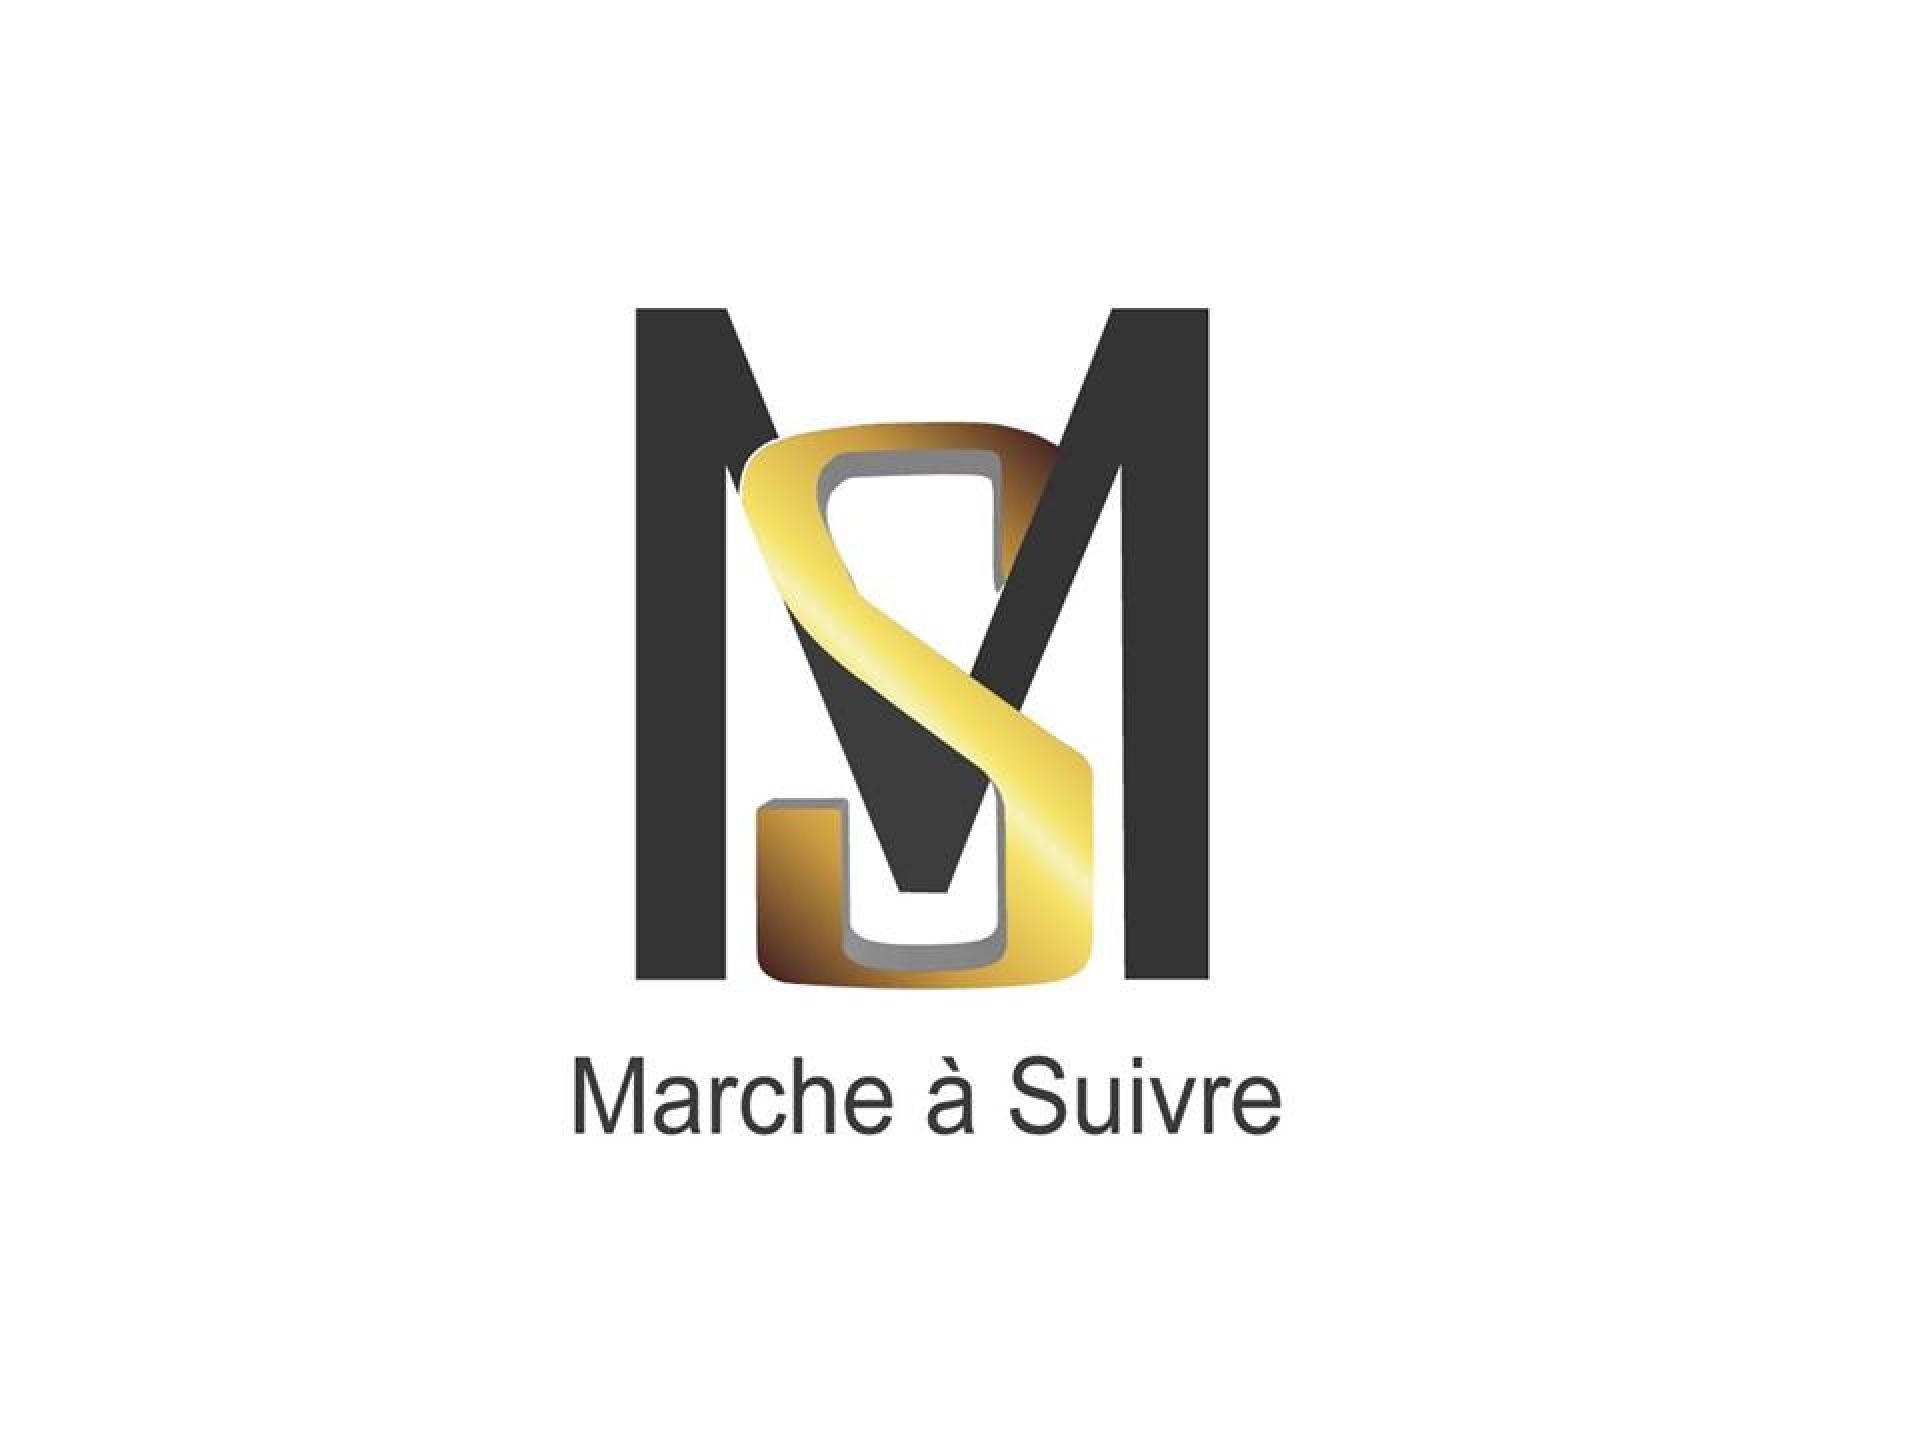 MARCHE A SUIVRE